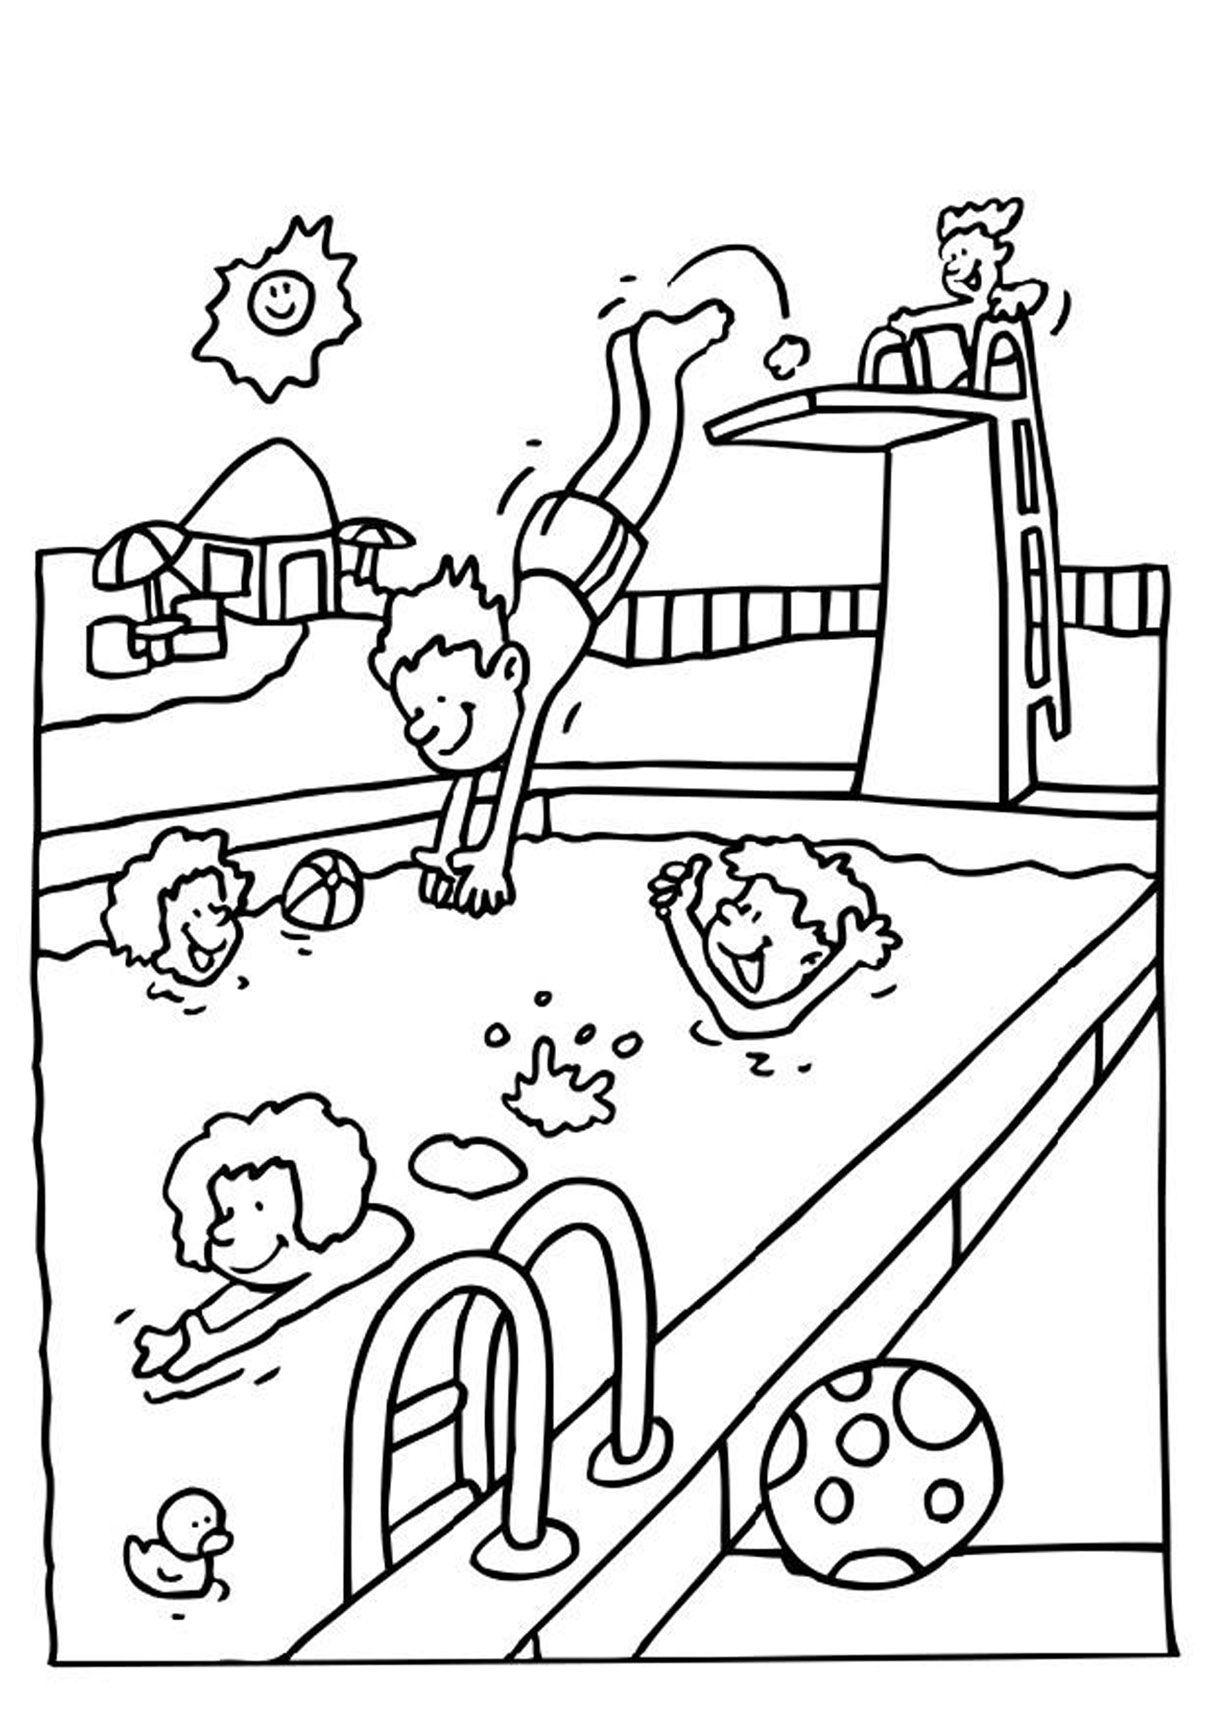 Coloriage jeux la piscine et dessin colorier jeux la - Jeux et coloriage ...